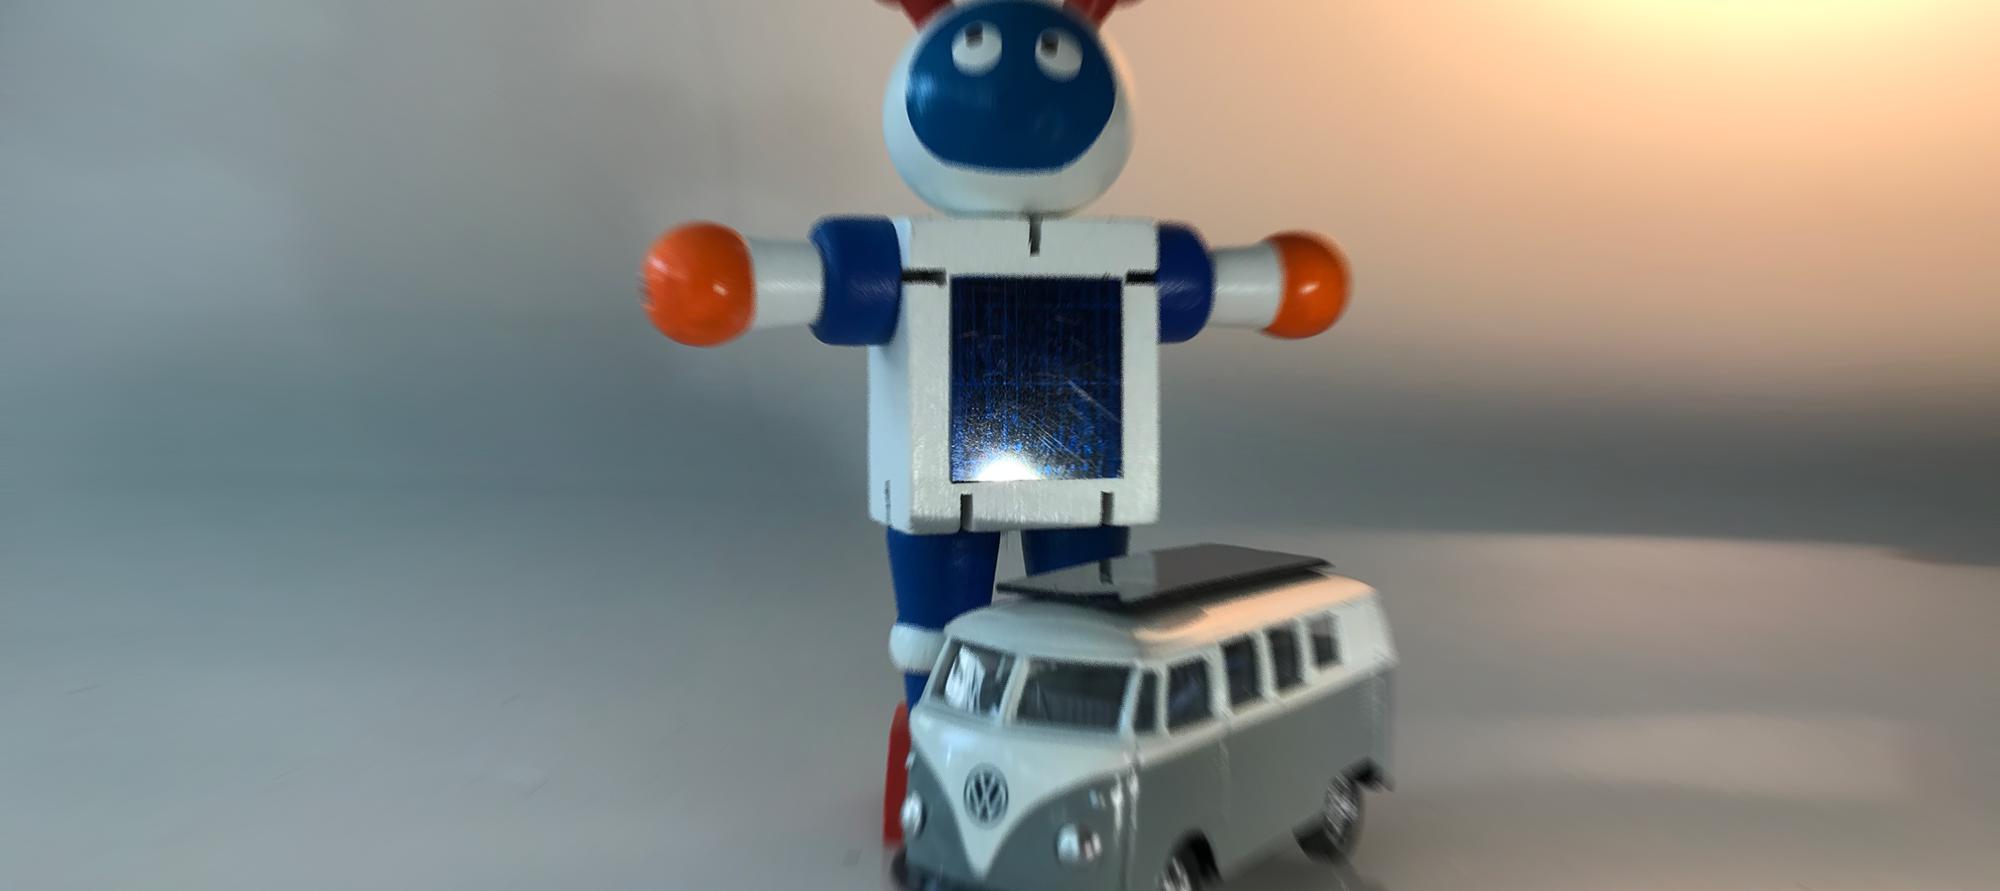 T1l_celrobot2vaag.png